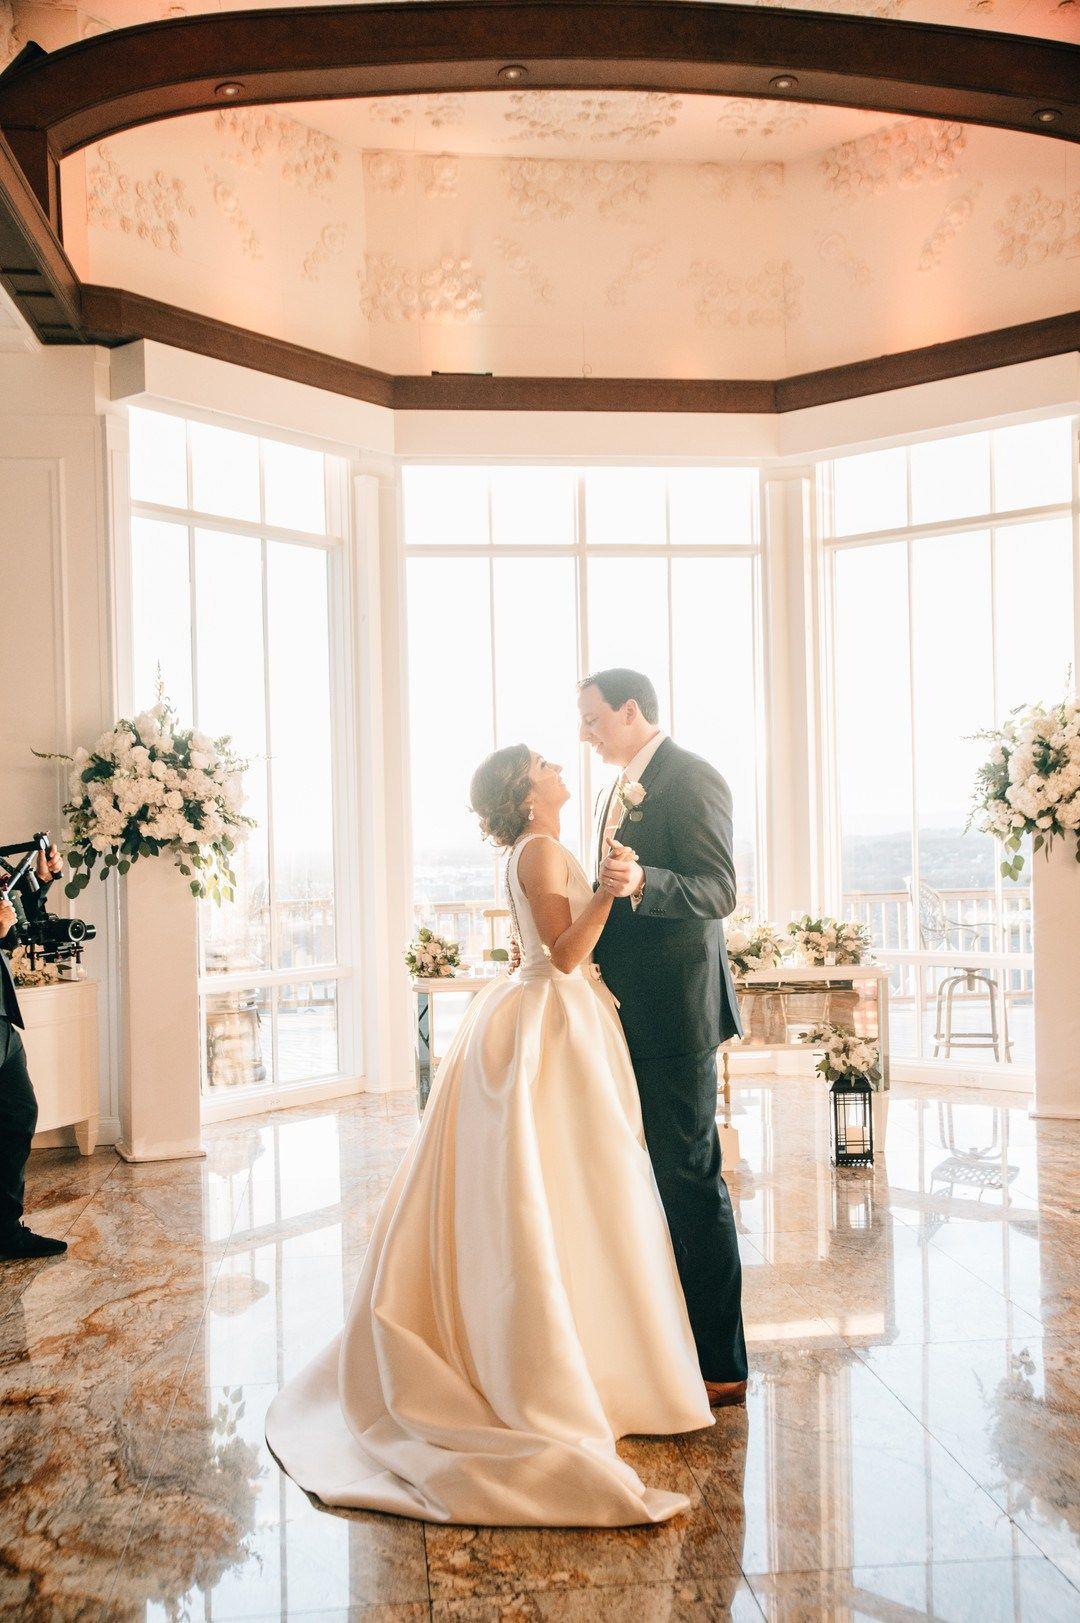 Top 10 First Dance Songs Zola Expert Wedding Advice